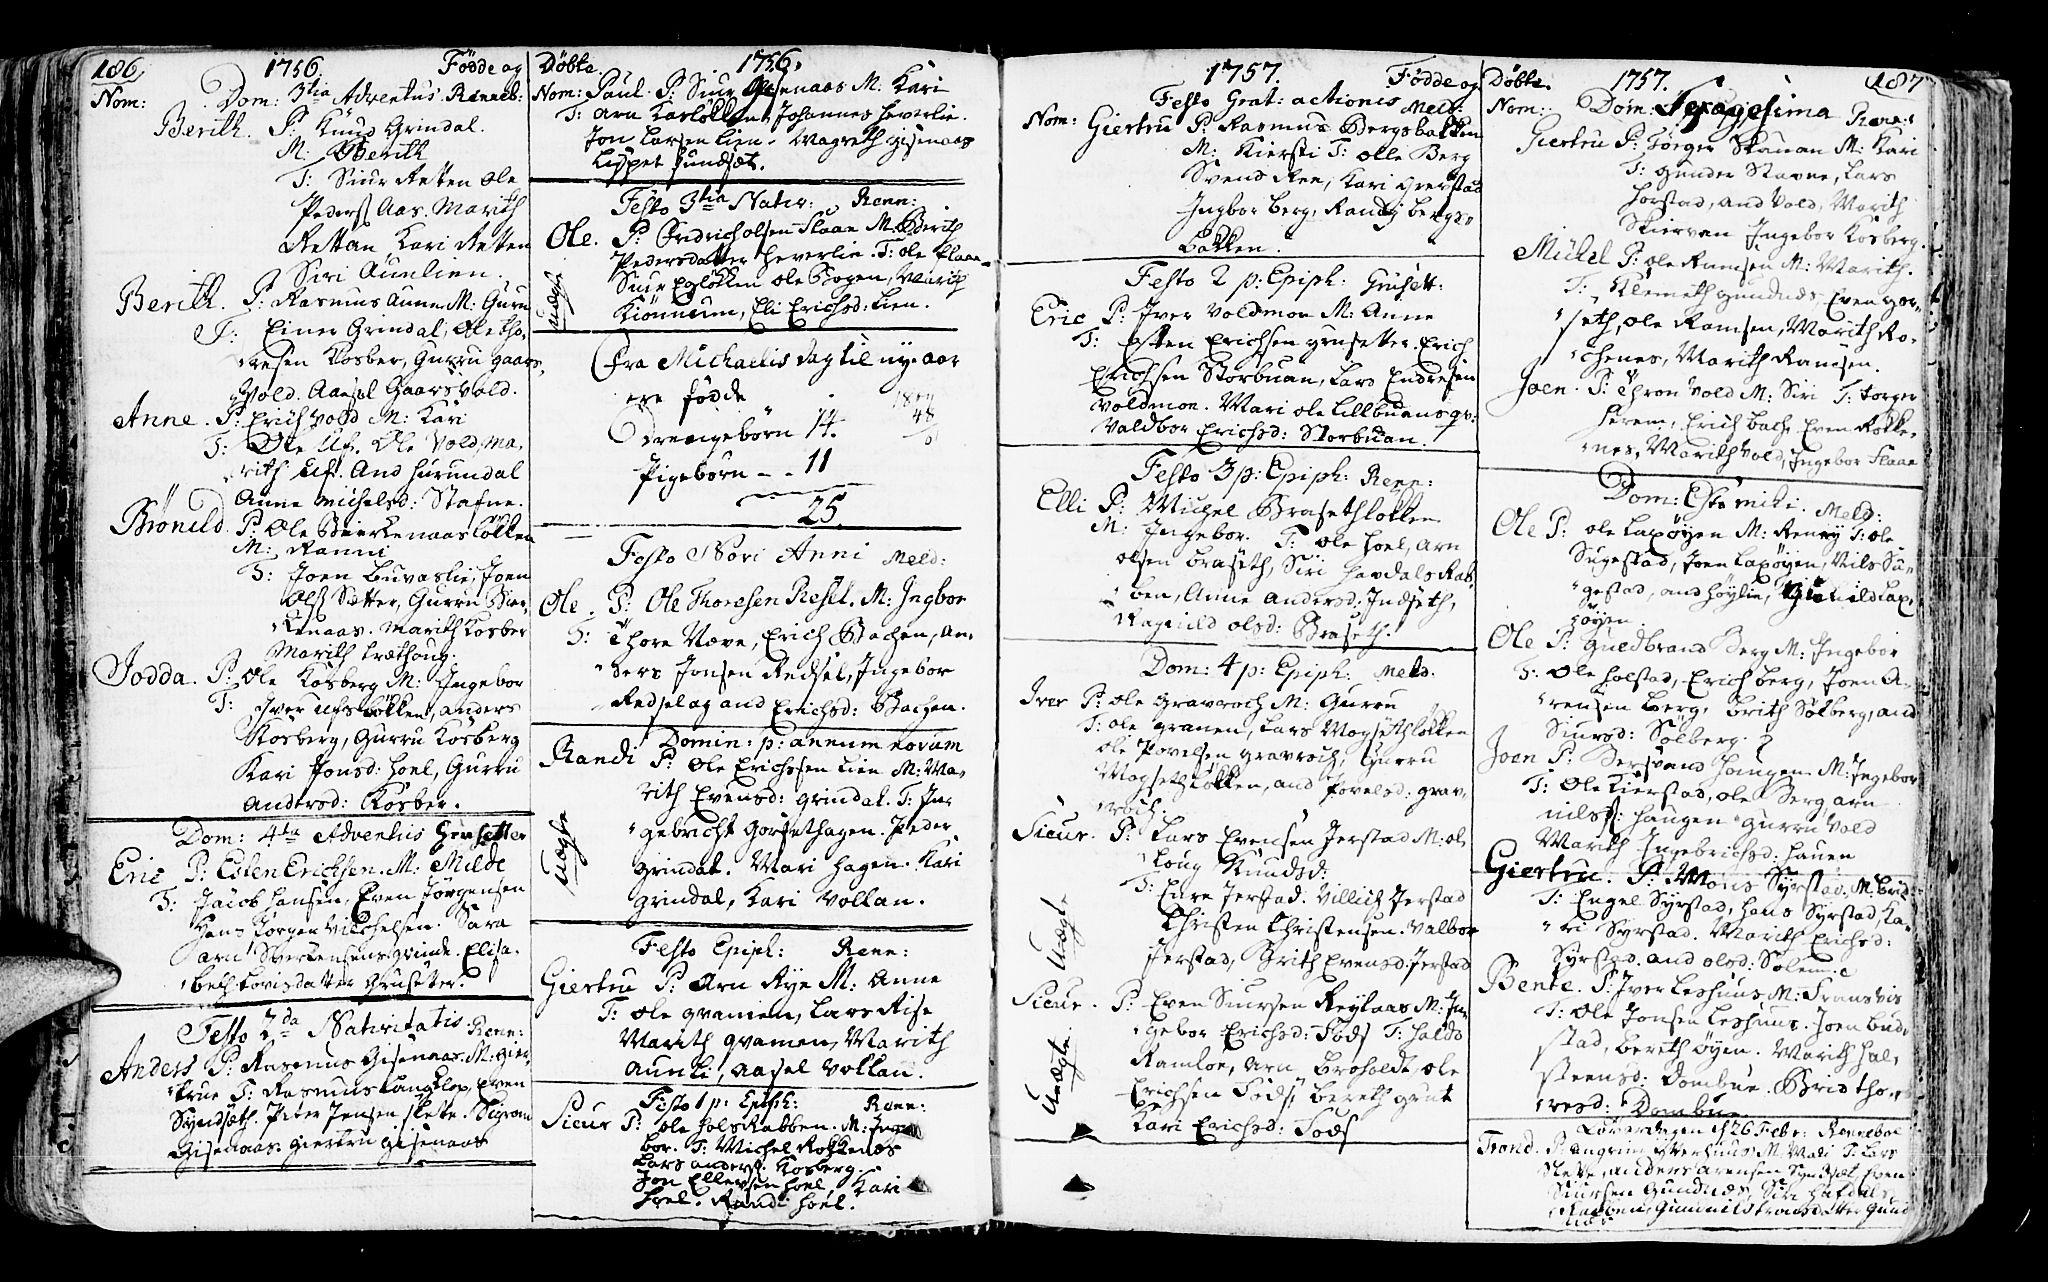 SAT, Ministerialprotokoller, klokkerbøker og fødselsregistre - Sør-Trøndelag, 672/L0851: Ministerialbok nr. 672A04, 1751-1775, s. 186-187